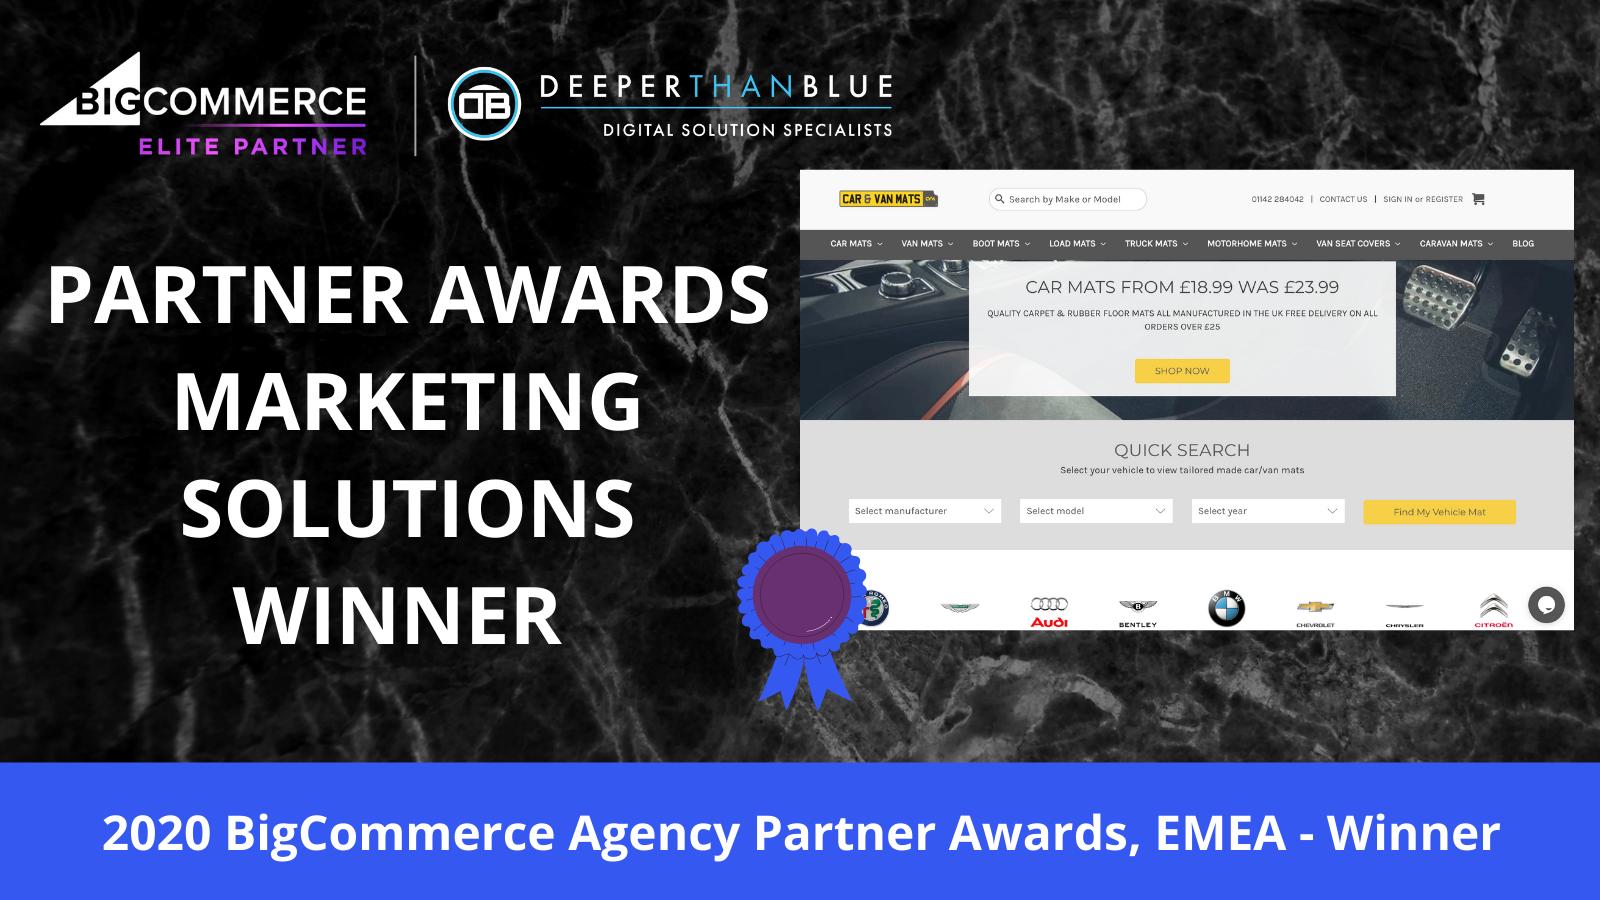 BigCommerce partner awards winner 2020 DeeperThanBlue